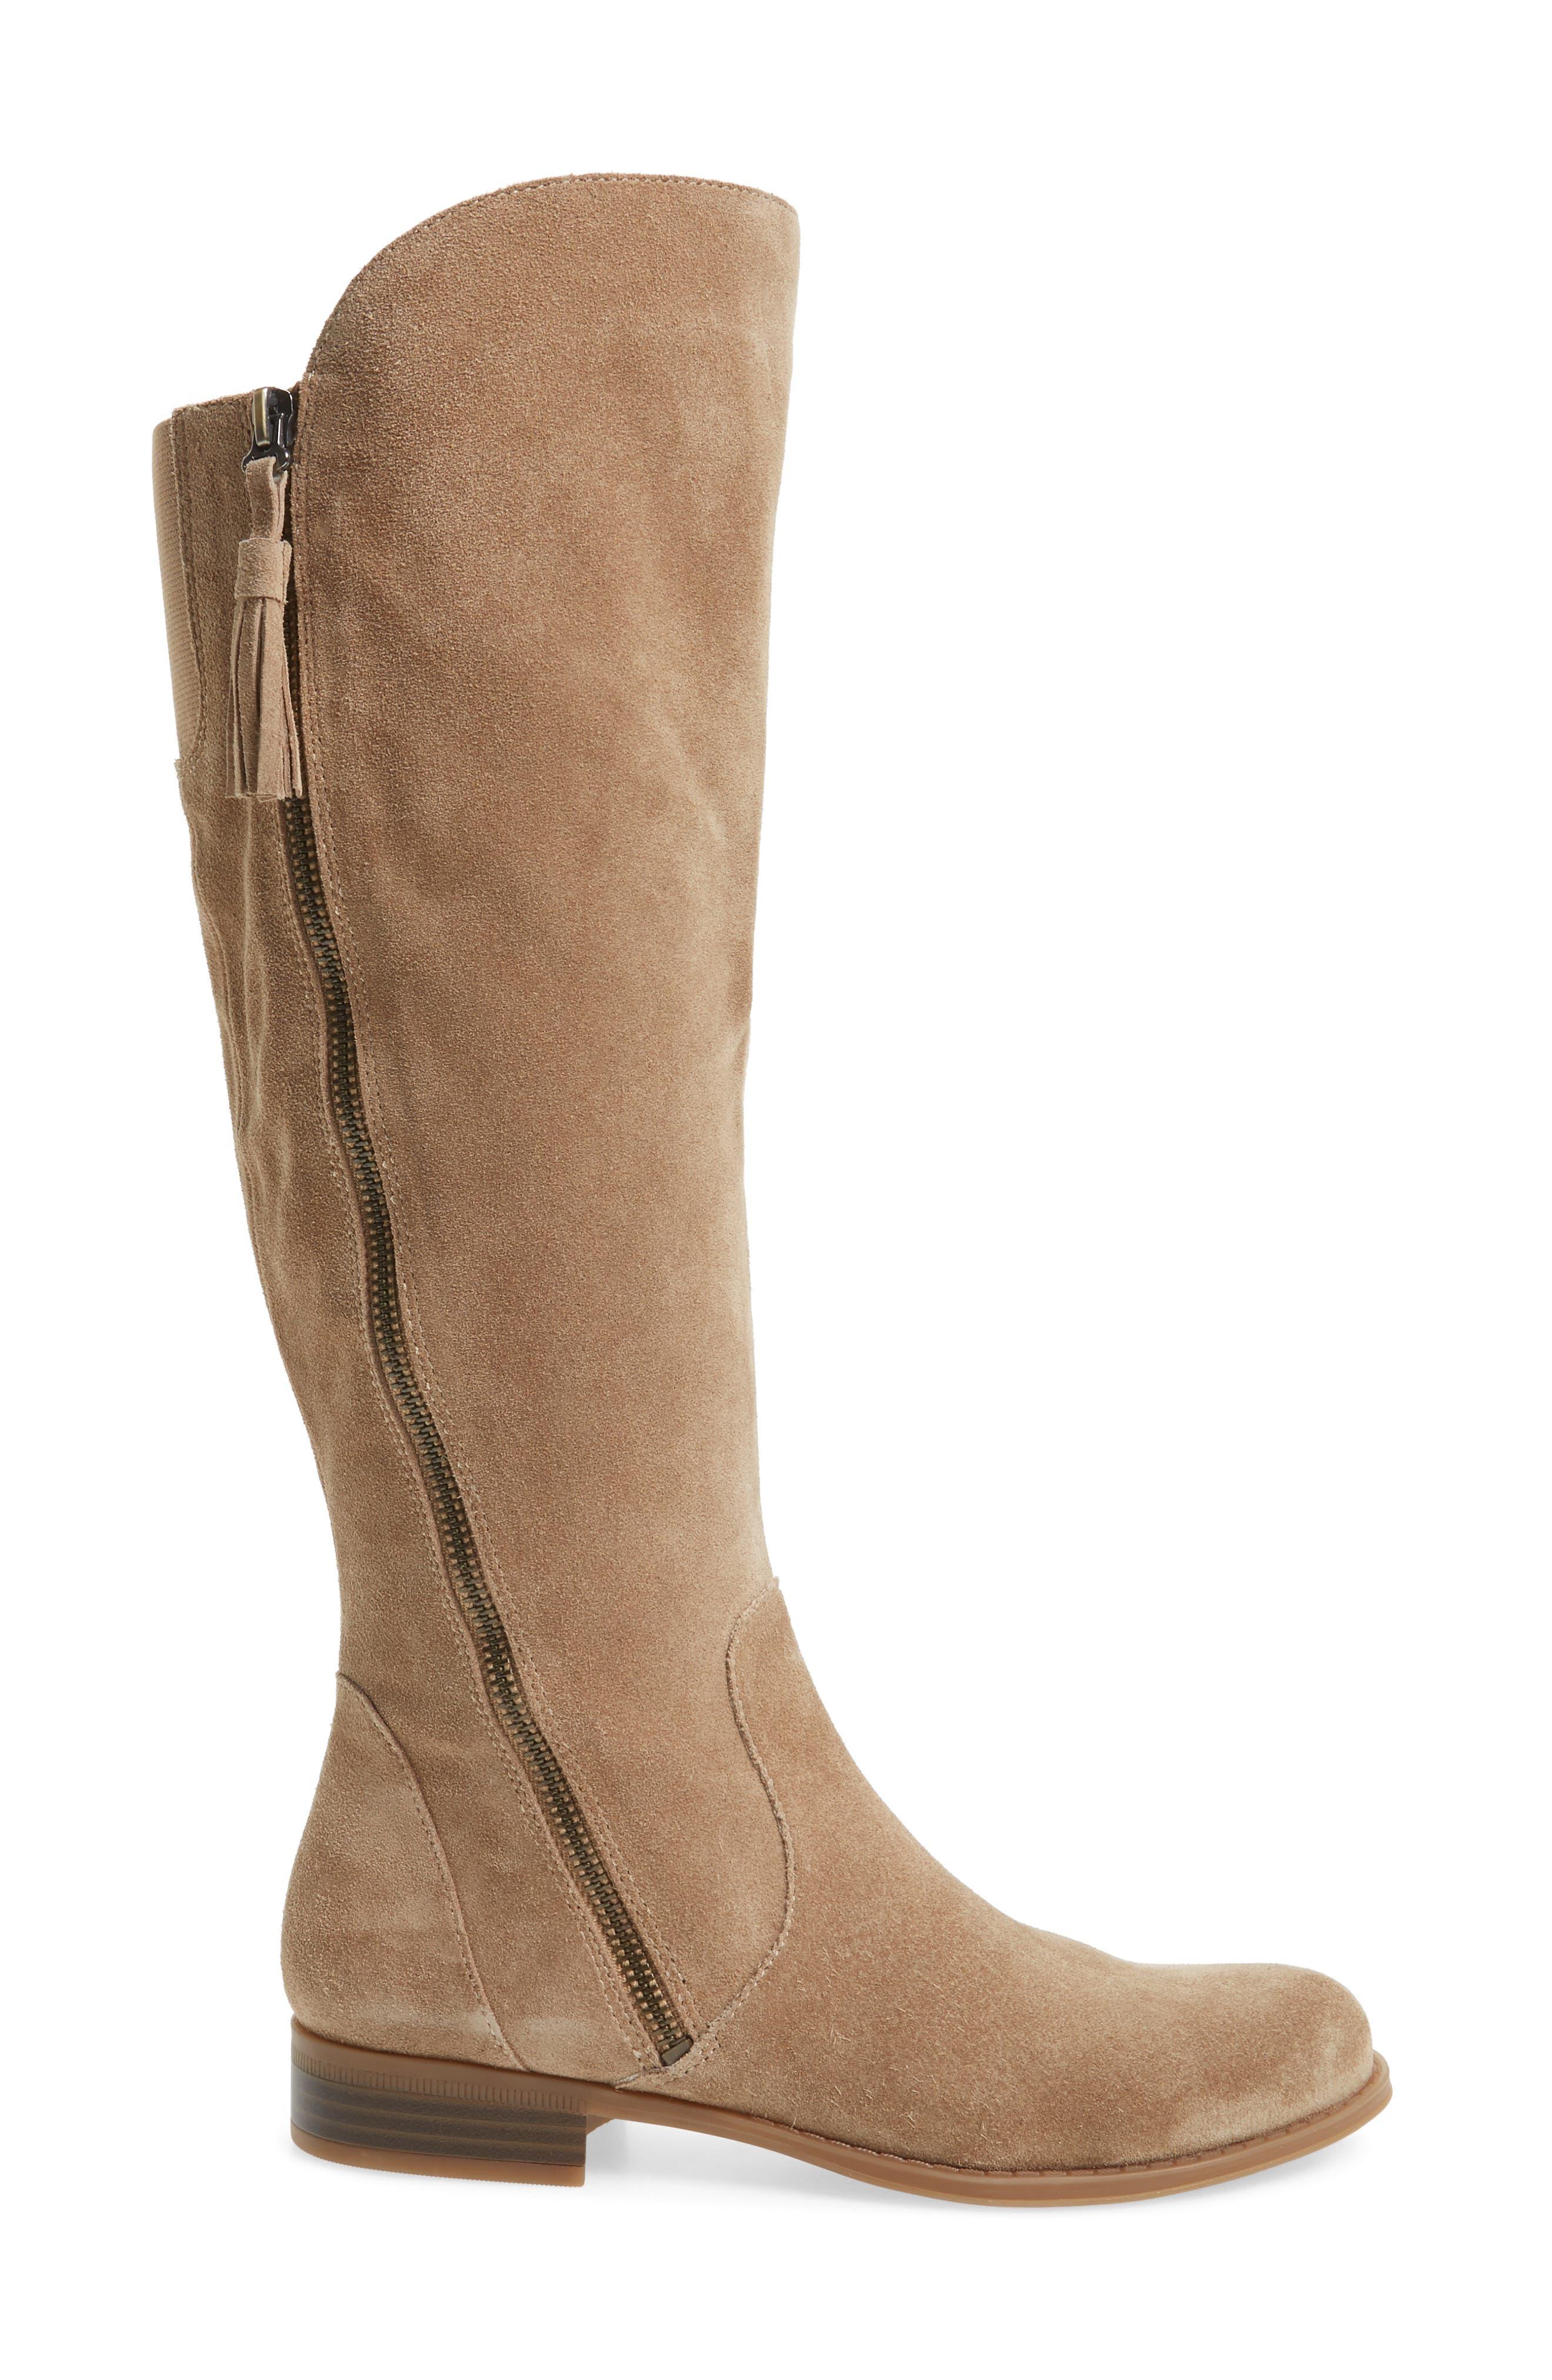 Alternate Image 3  - Naturalizer Jinnie Tall Boot (Women) (Regular & Wide Calf)